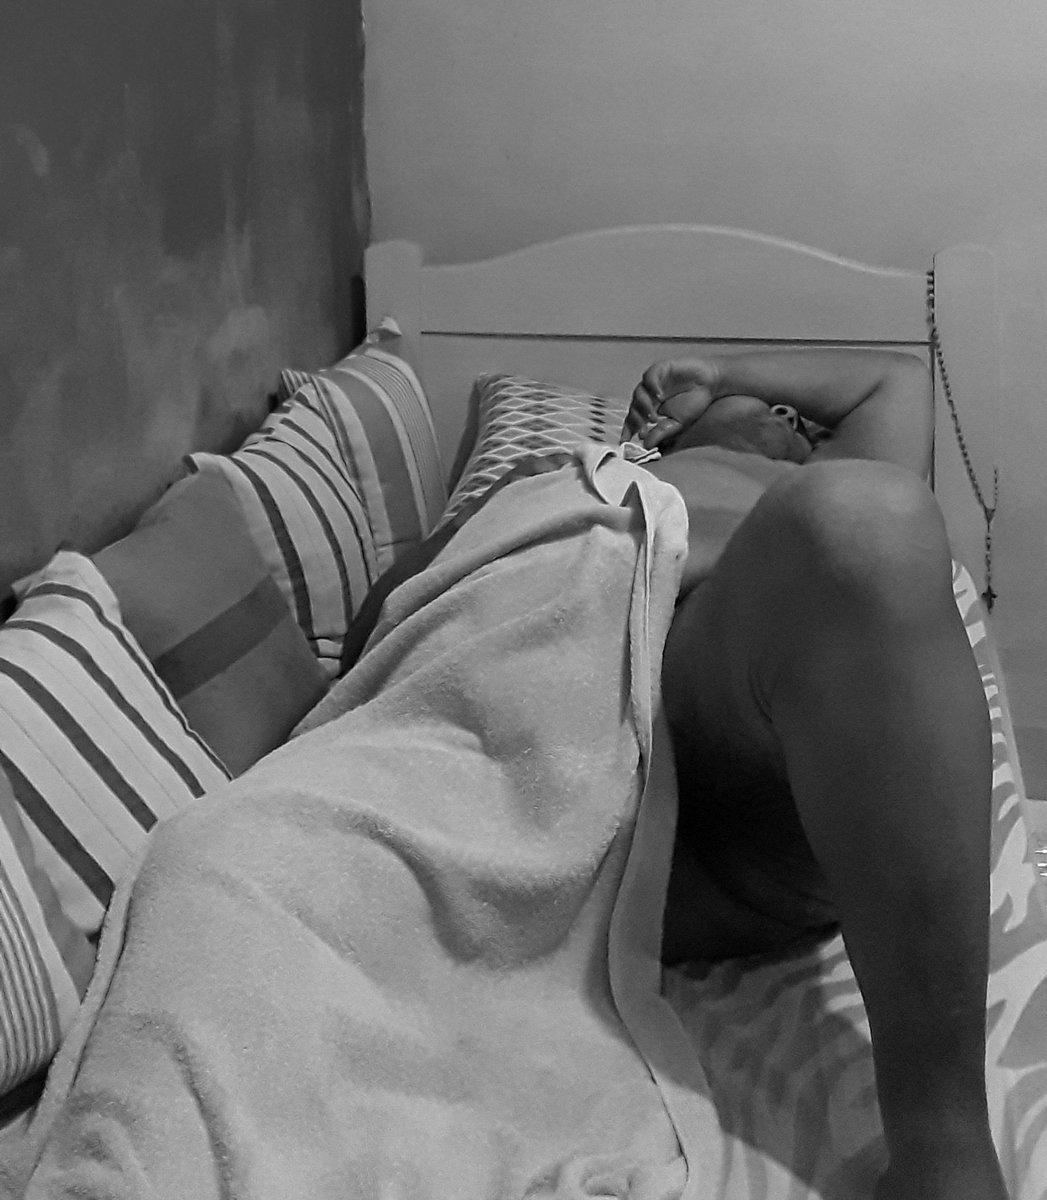 Parece cobertor, mas é minha toalha enquanto curto uma preguicinha pré banho. 😋 #QuintaDaToalha   @JustSabrinaStar @MeninaPeralta @OnlyRouse @jessicacusker  @deusadorabao2 @SexCoachFloripa @Josy_bbw2  #Gordinho #Gordo #Chubby #ChubbyBoy #ChubbyMan